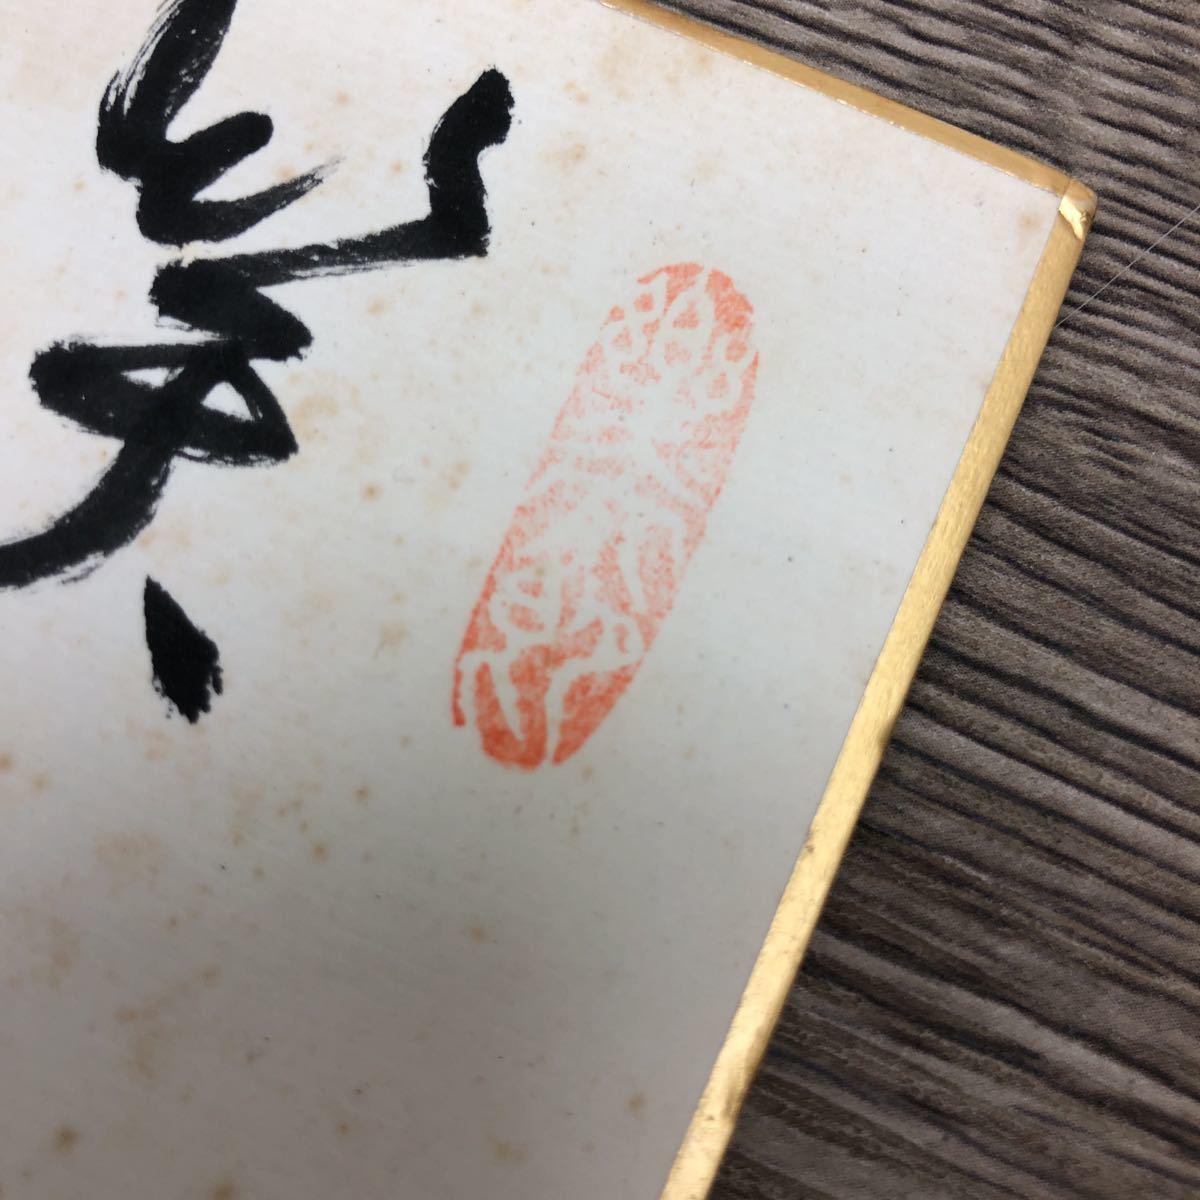 直筆サイン/薬師丸ひろ子/詳細不明/5枚【保管品】_画像7